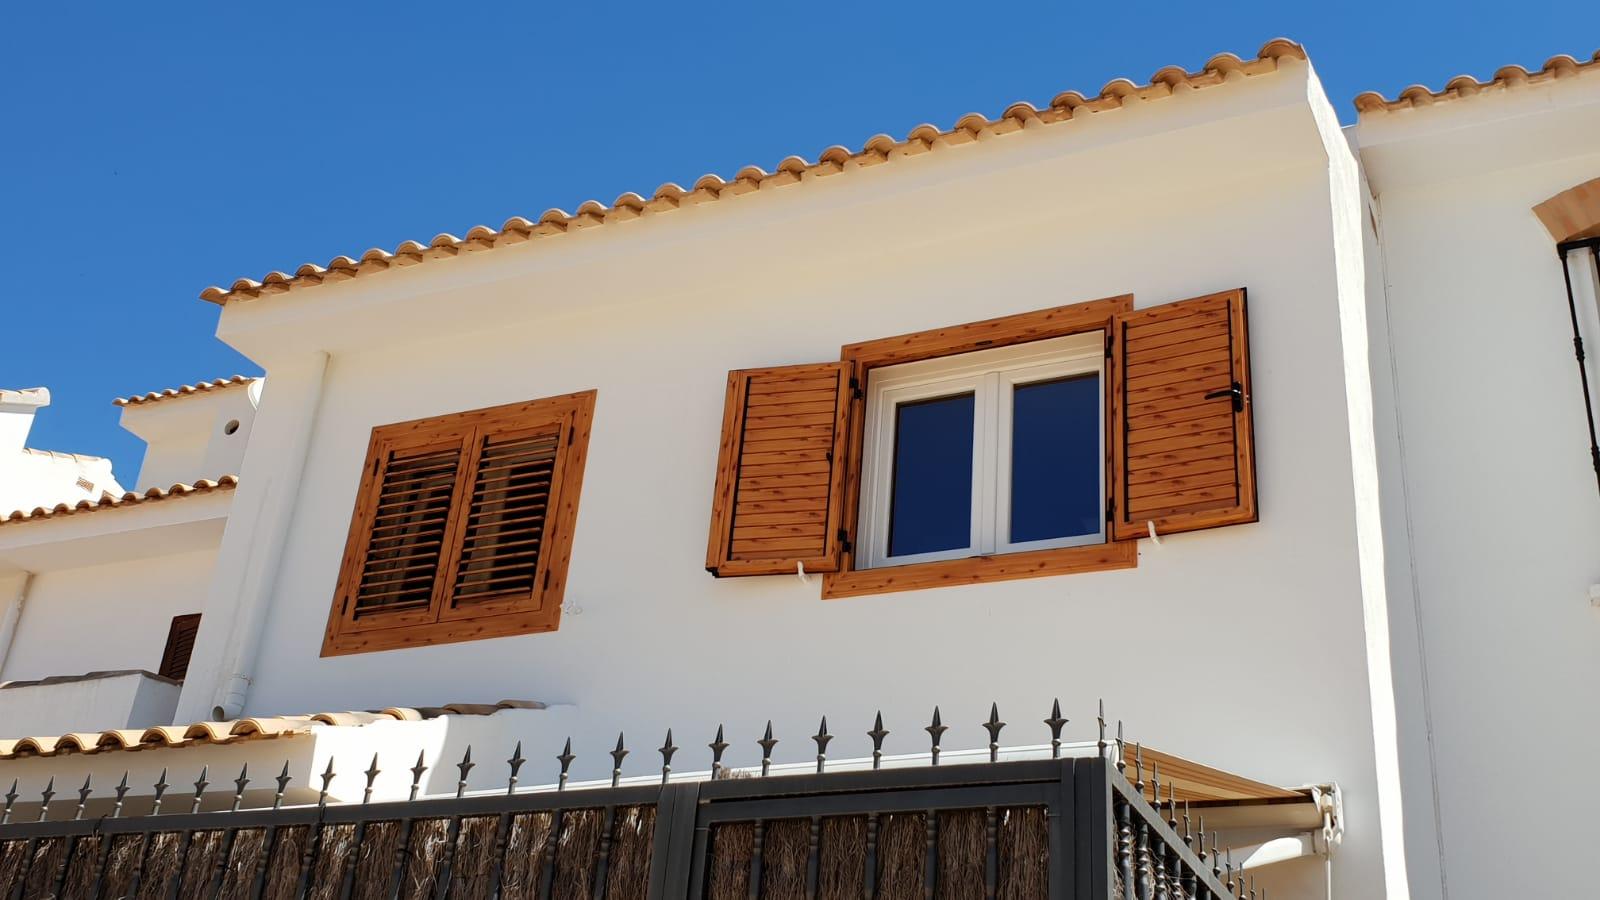 Instalaci n de ventanas de pvc y mallorquinas de aluminio - Precios ventanas pvc climalit ...